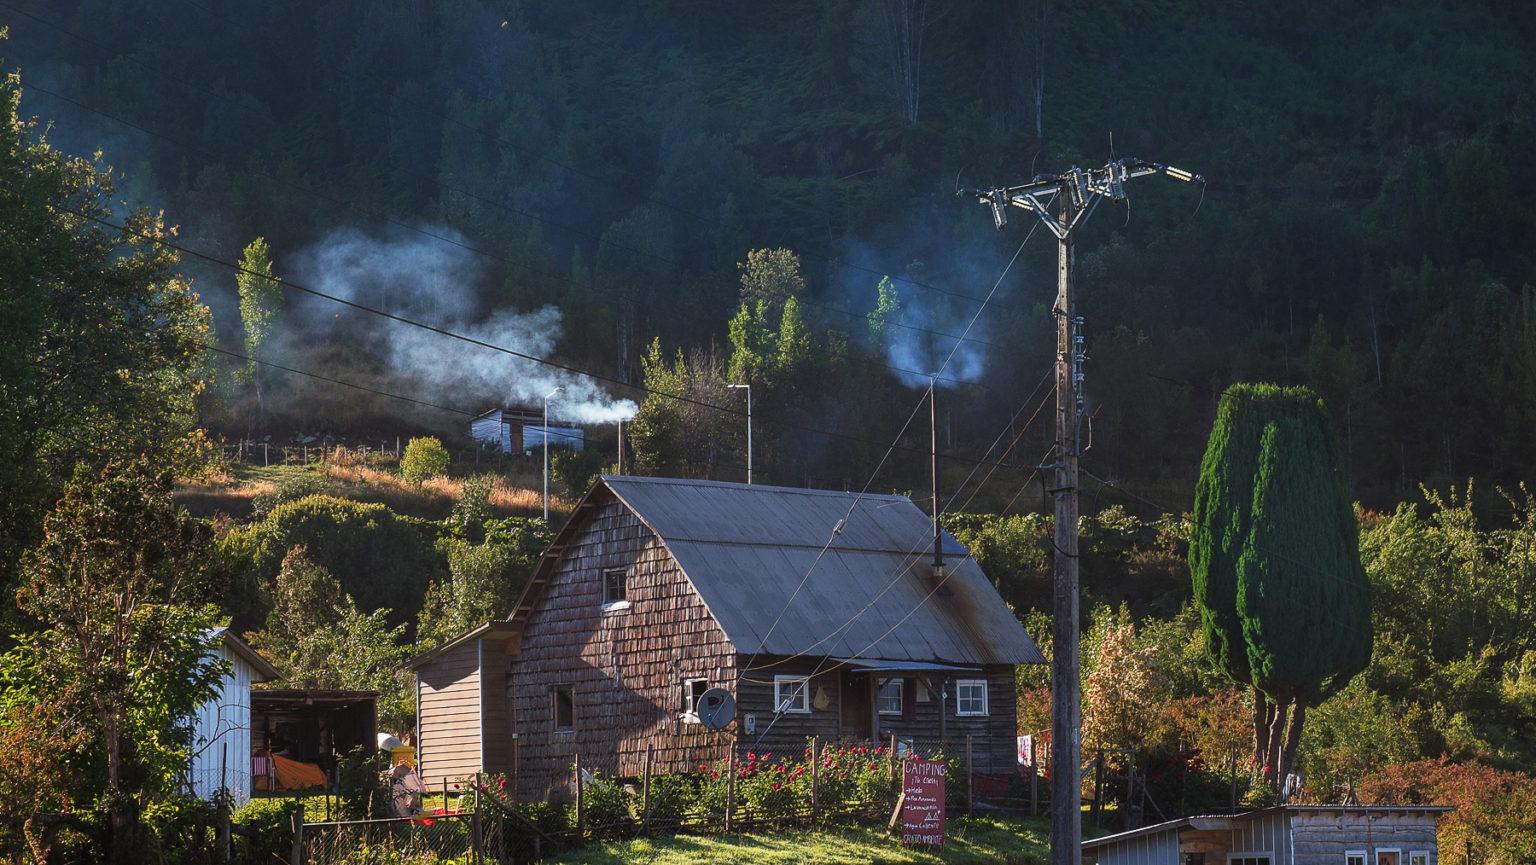 Das ist ein typischer kleiner Campingplatz in Patagonien – nur für Zelte im Garten